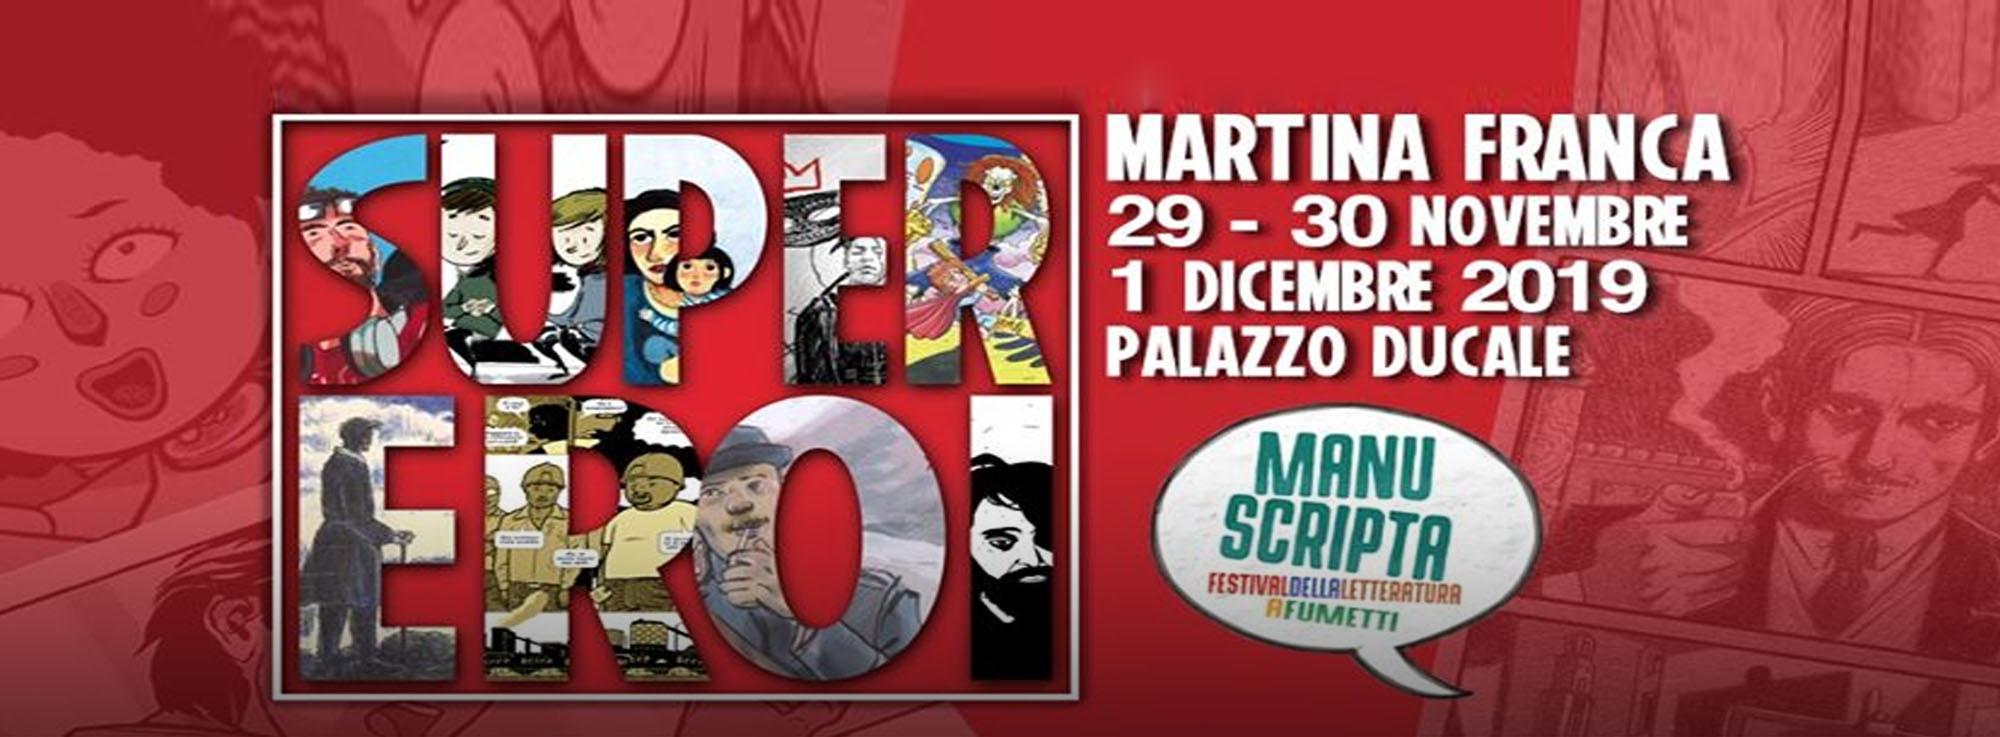 Martina Franca: Manuscripta